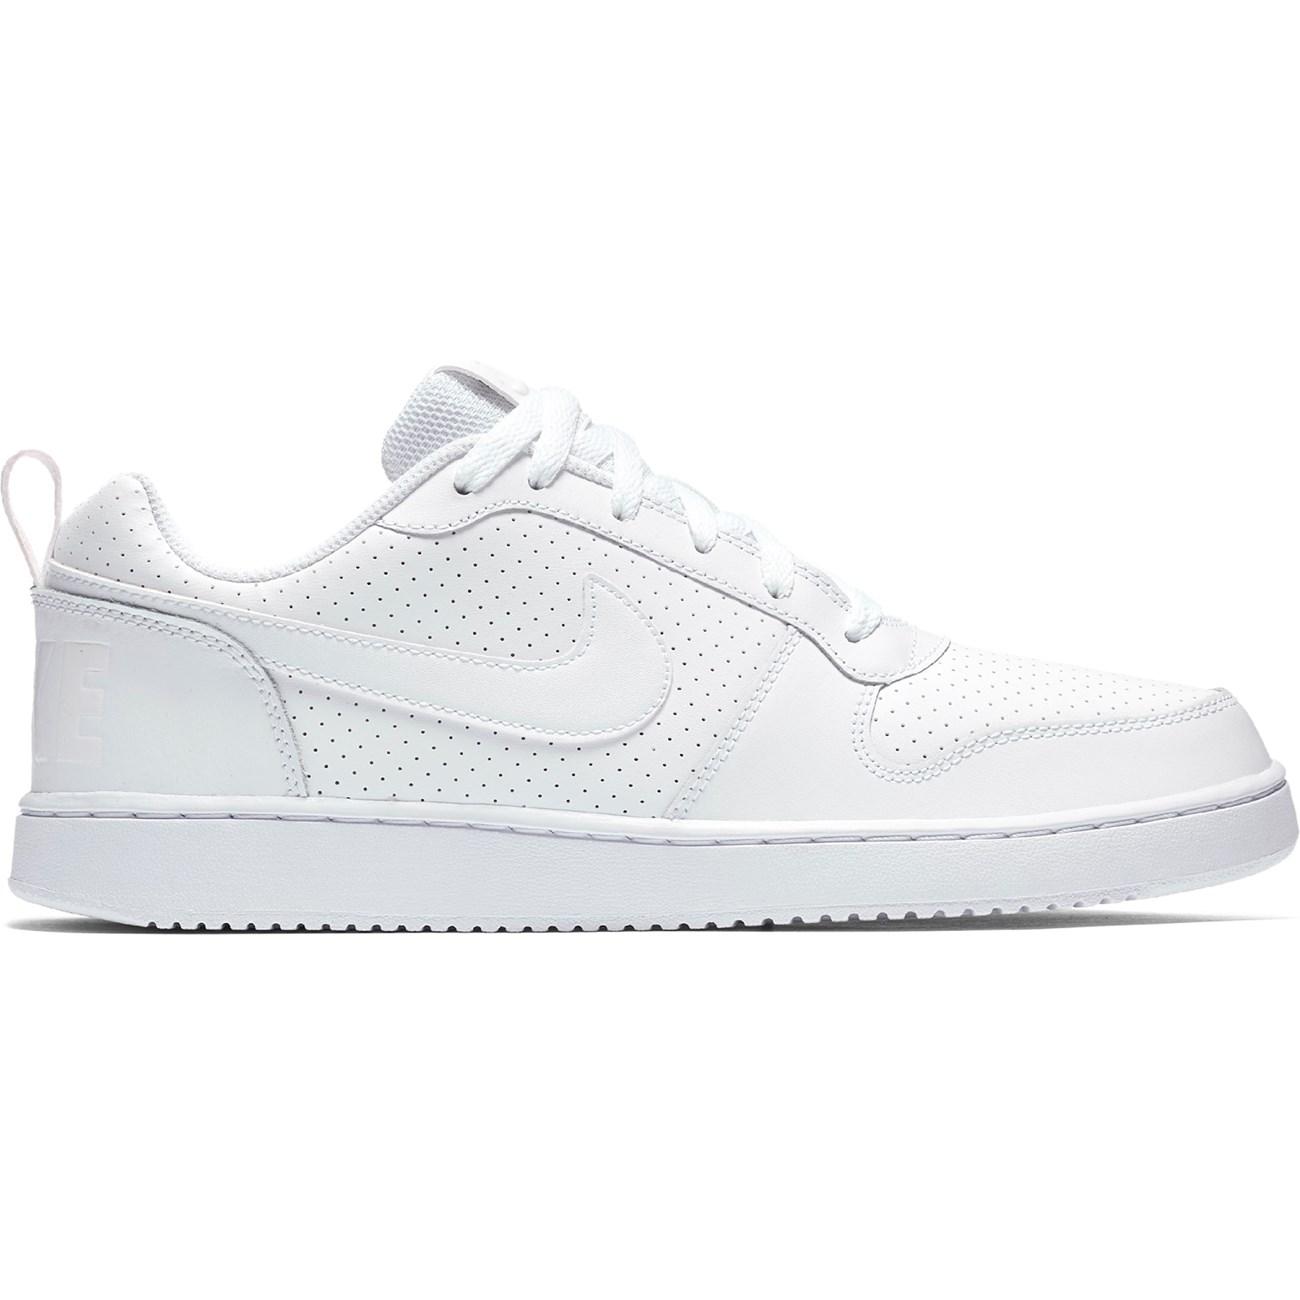 3ded9097bd7 NIKE COURT BOROUGH LOW < Αθλητικά παπούτσια, ρούχα & αξεσουάρ για ...